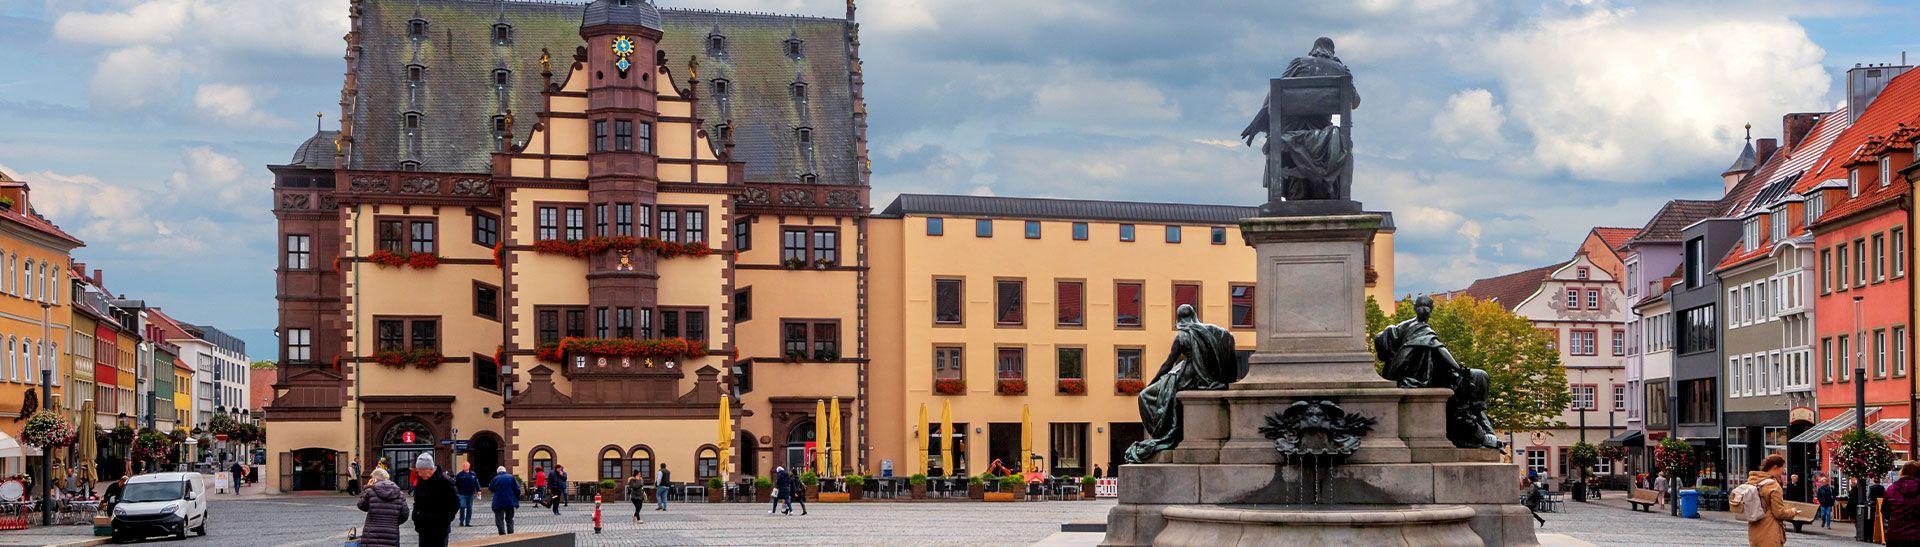 banner-Schweinfurt01